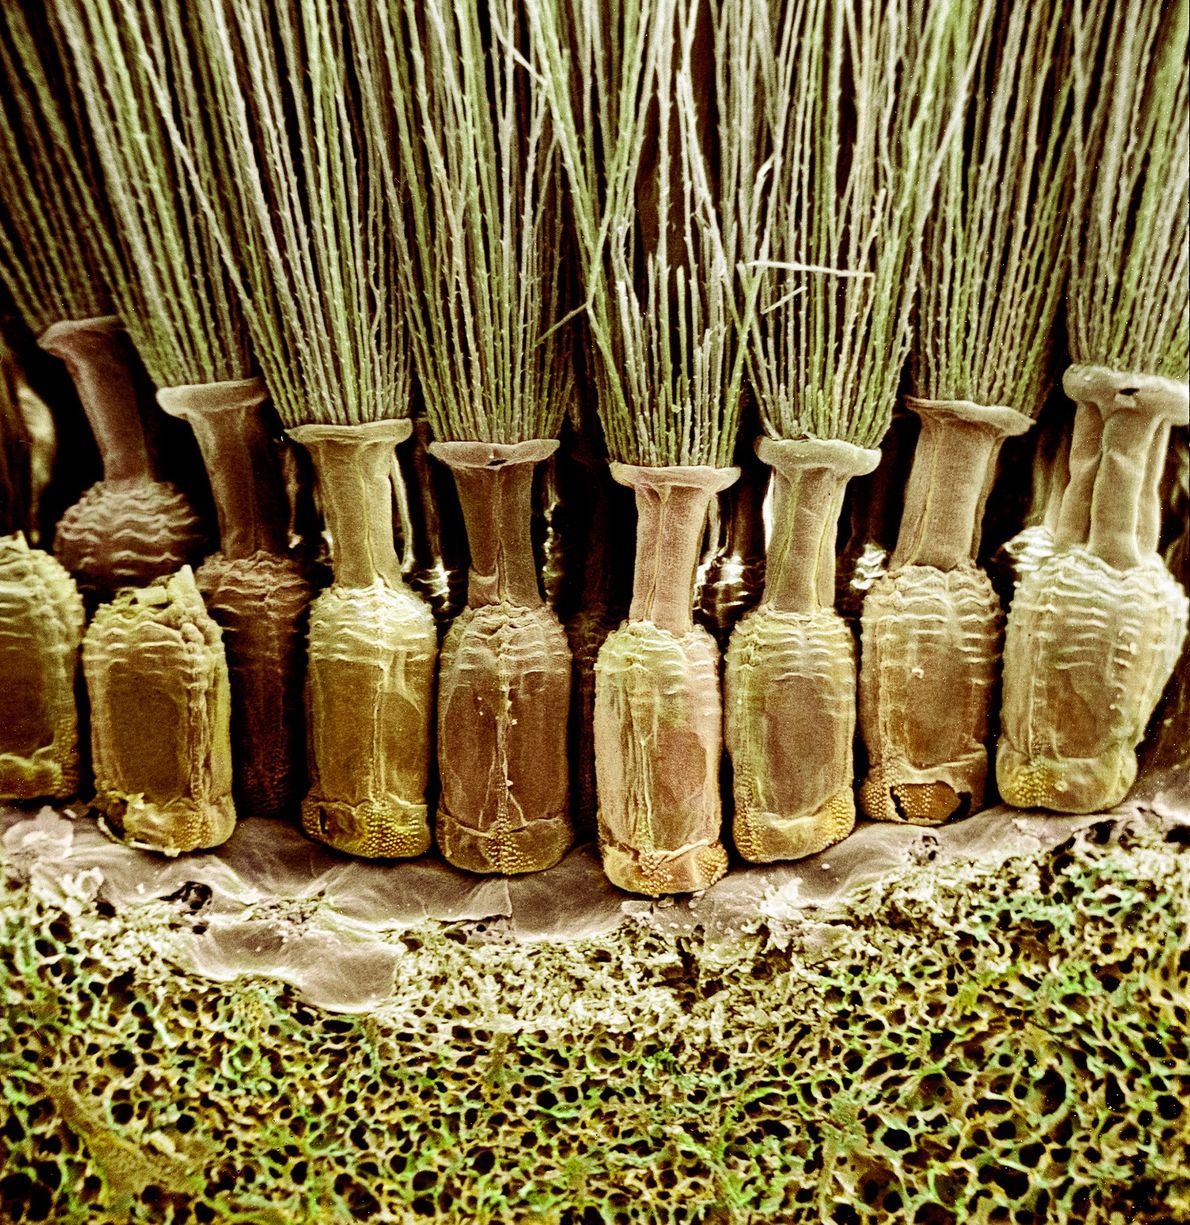 Bien qu'elles ressemblent à des amphores remplies d'herbes, ces structures sont en réalité les fruits verts ...